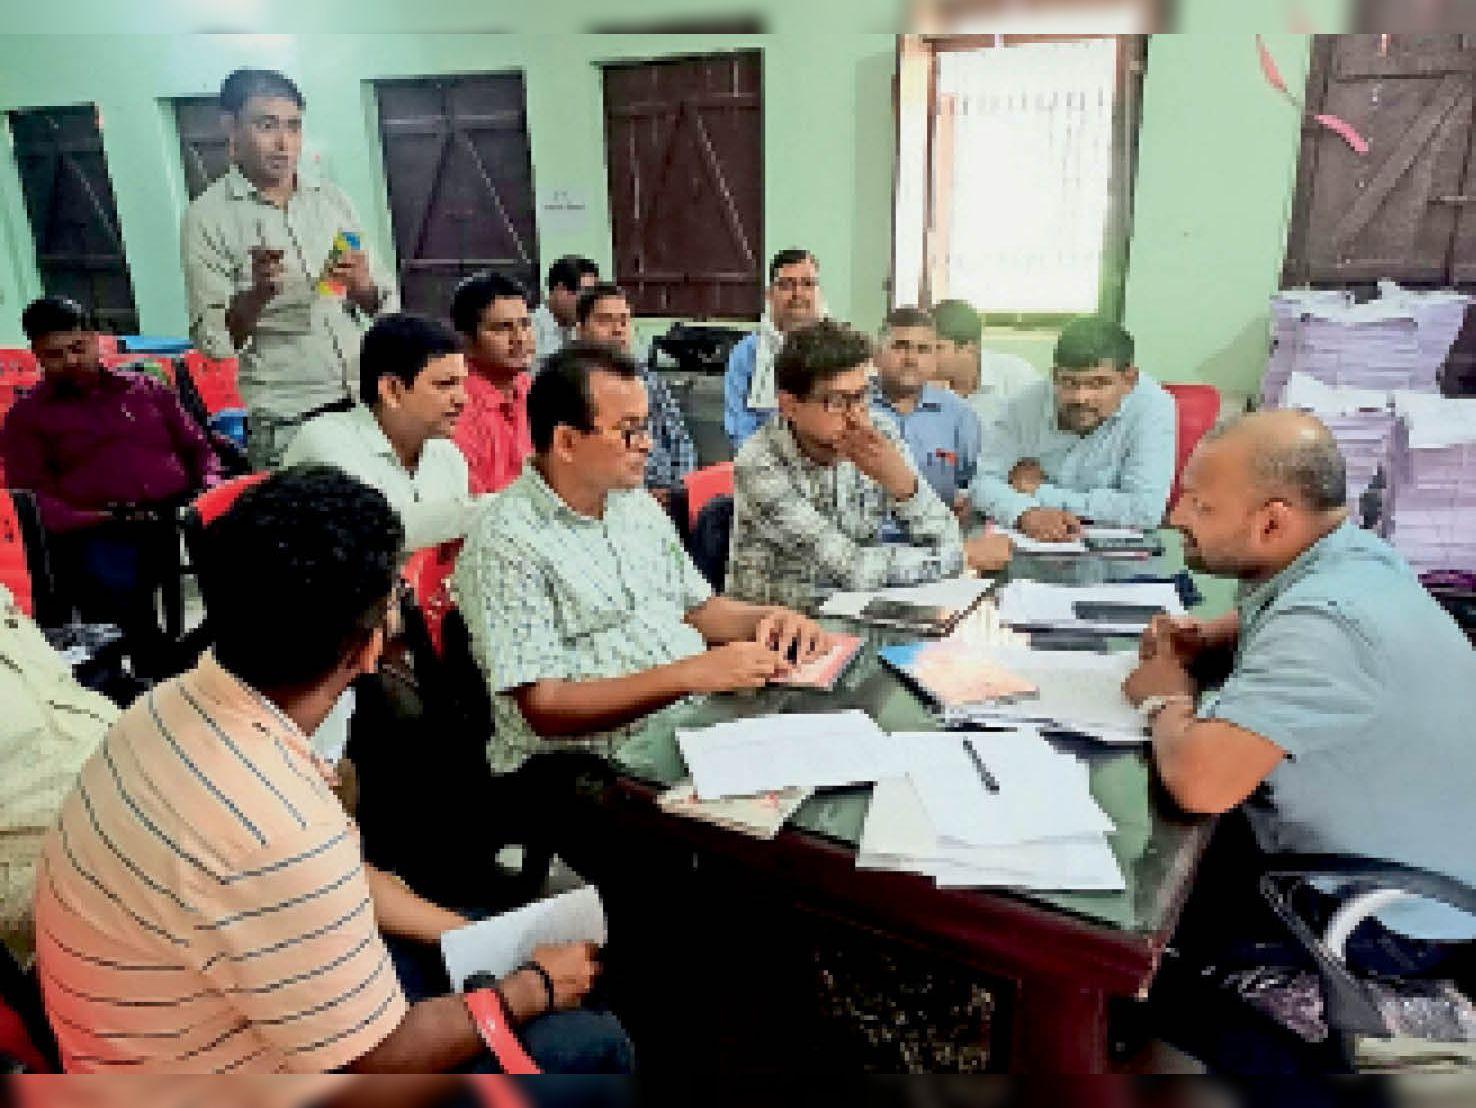 शाहपुर में सेक्टर मजिस्ट्रेटों के साथ बैठक करते बीडीओ। - Dainik Bhaskar